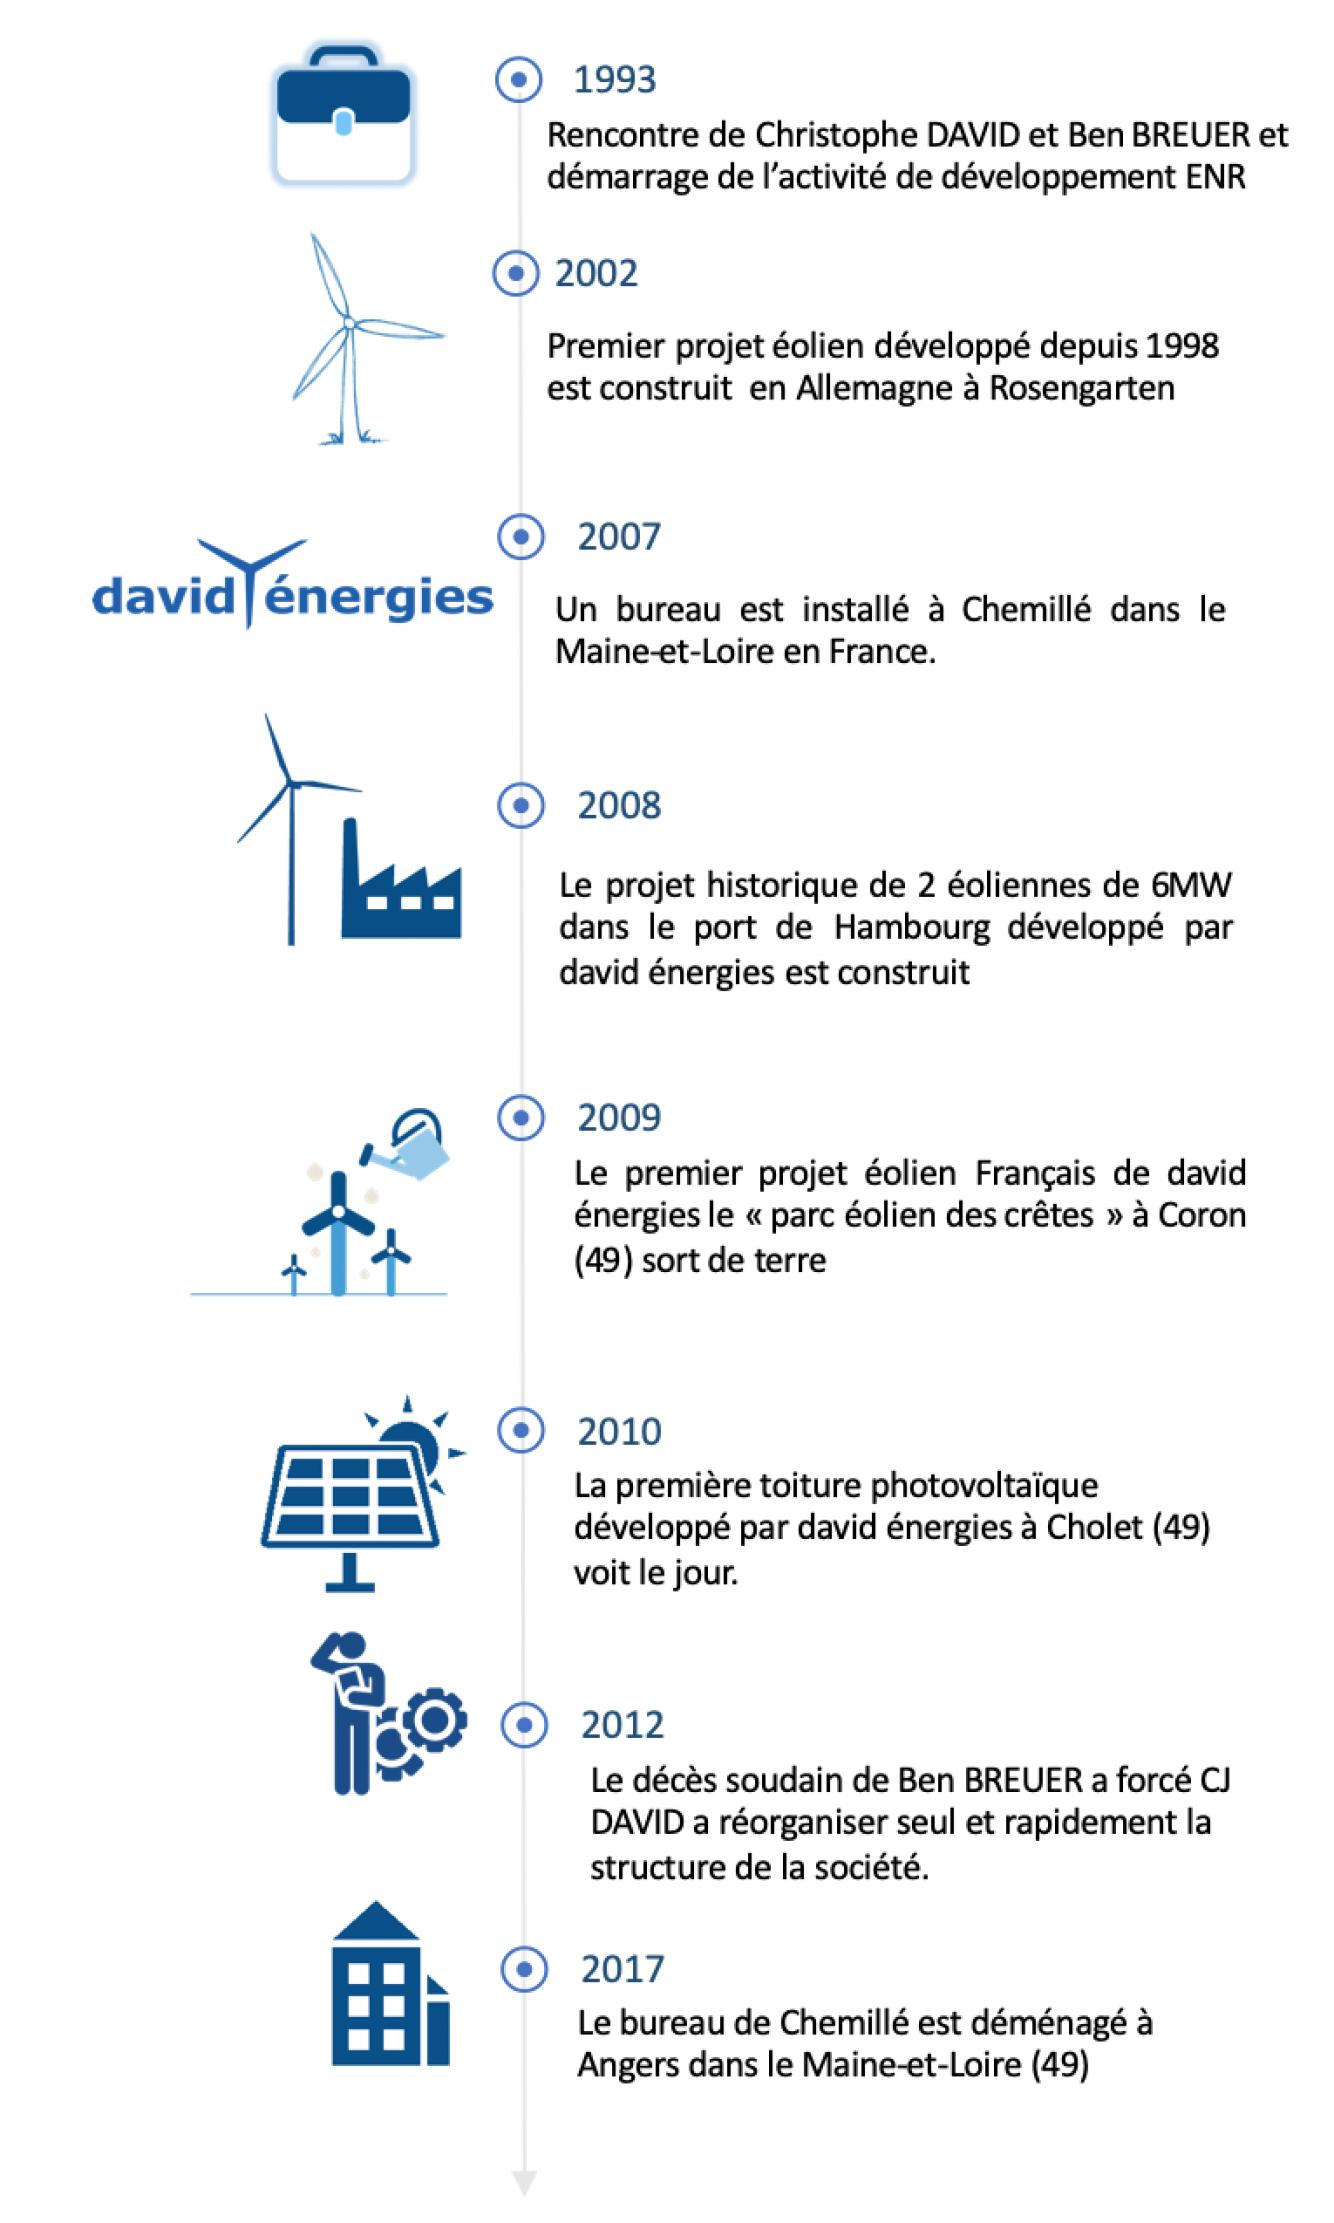 historique-david-energies